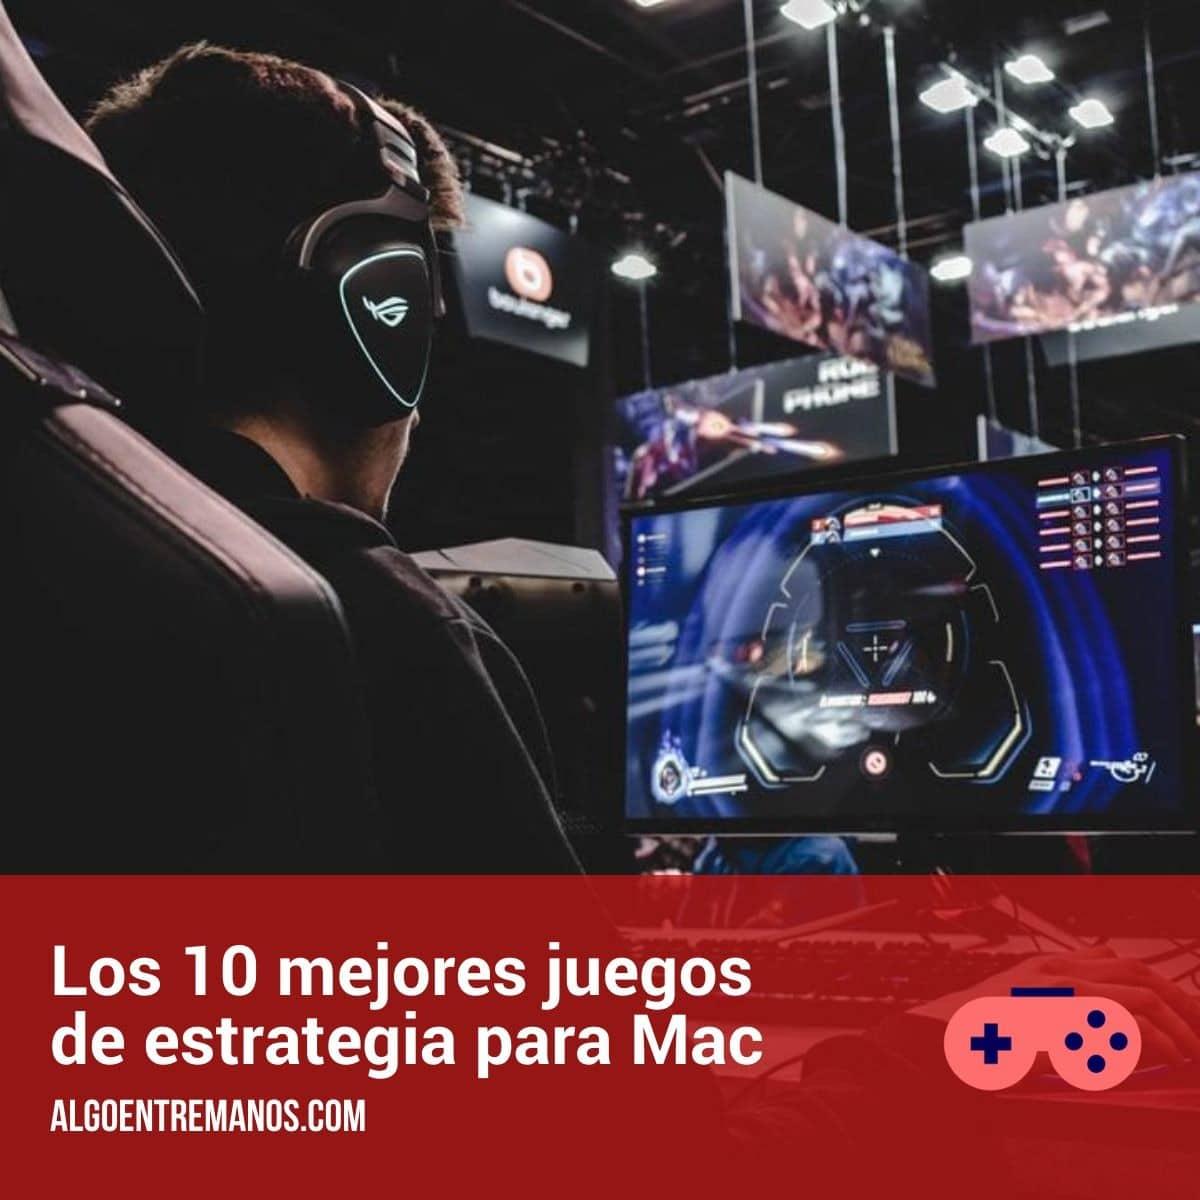 Los 10 mejores juegos de estrategia para Mac